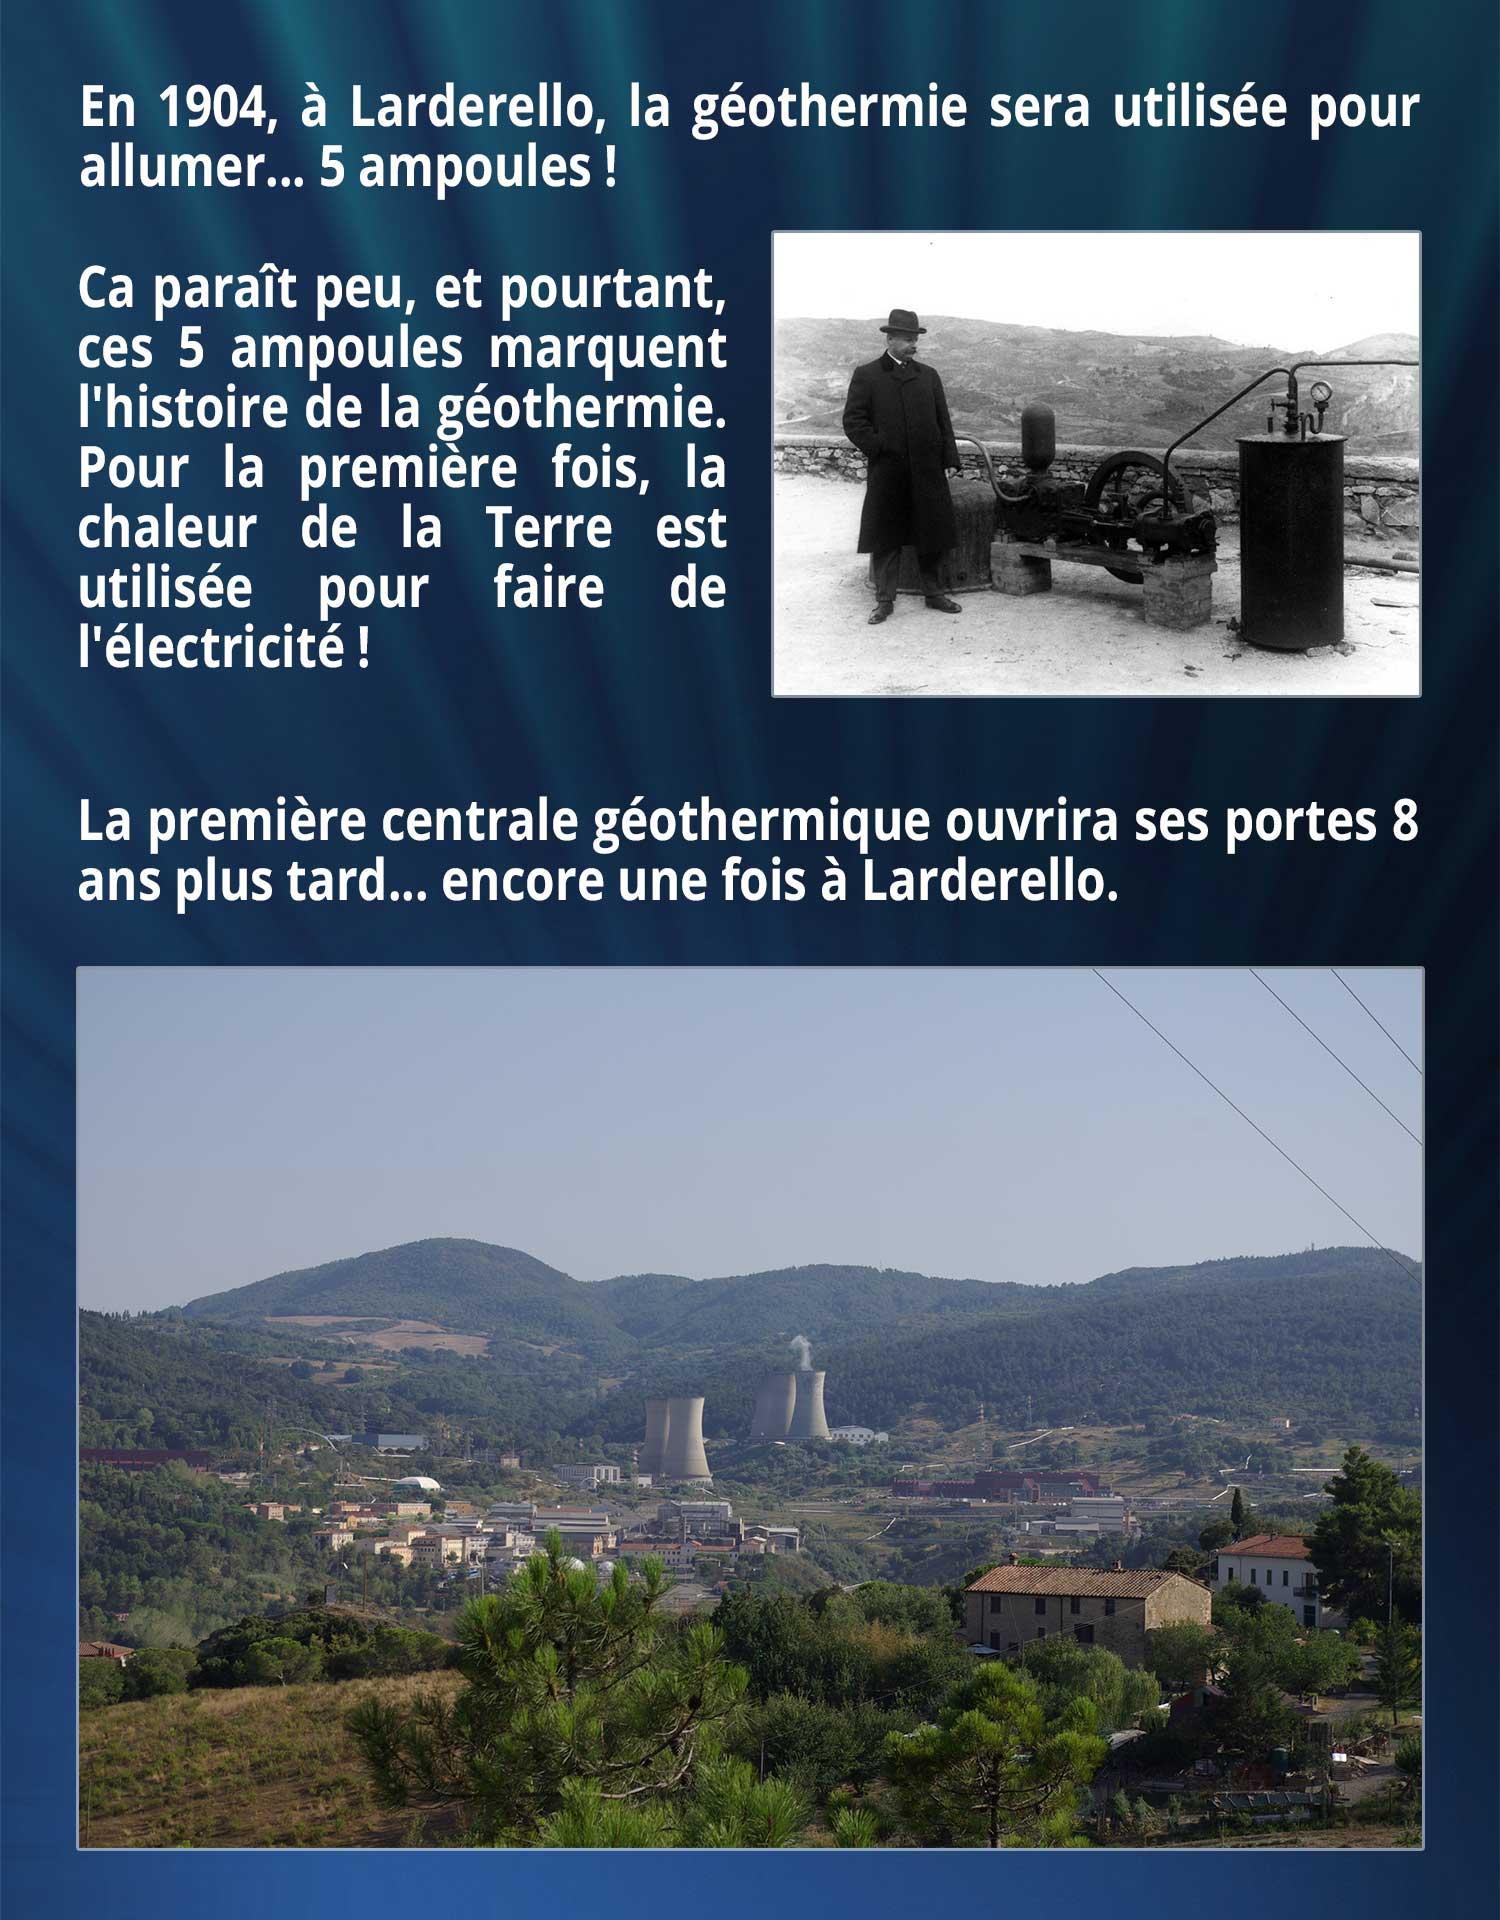 En 1904, à Larderello, la géothermie sera utilisée pour allumer... 5 ampoules ! Ca paraît peu, et pourtant, ces 5 ampoules marquent l'histoire de la géothermie. Pour la première fois, la chaleur de la Terre est utilisée pour faire de l'électricité ! La première centrale géothermique ouvrira ses portes 8 ans plus tard... encore une fois à Larderello.